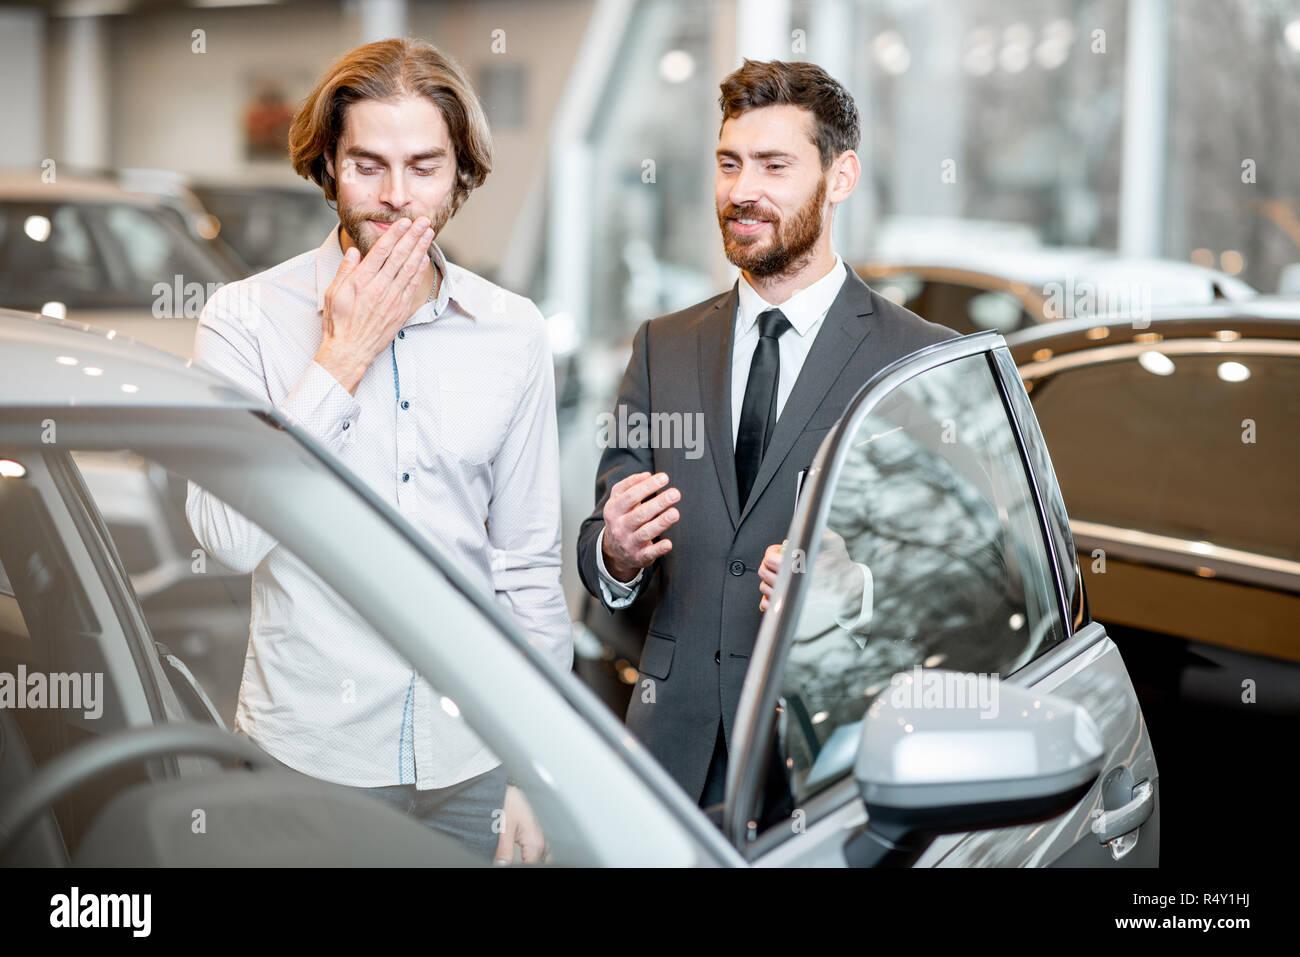 Autoverkäufer hilft einem Jungen schämen Client eine Entscheidung anzeigen intrerior eines Luxuswagens im Showroom zu machen Stockbild